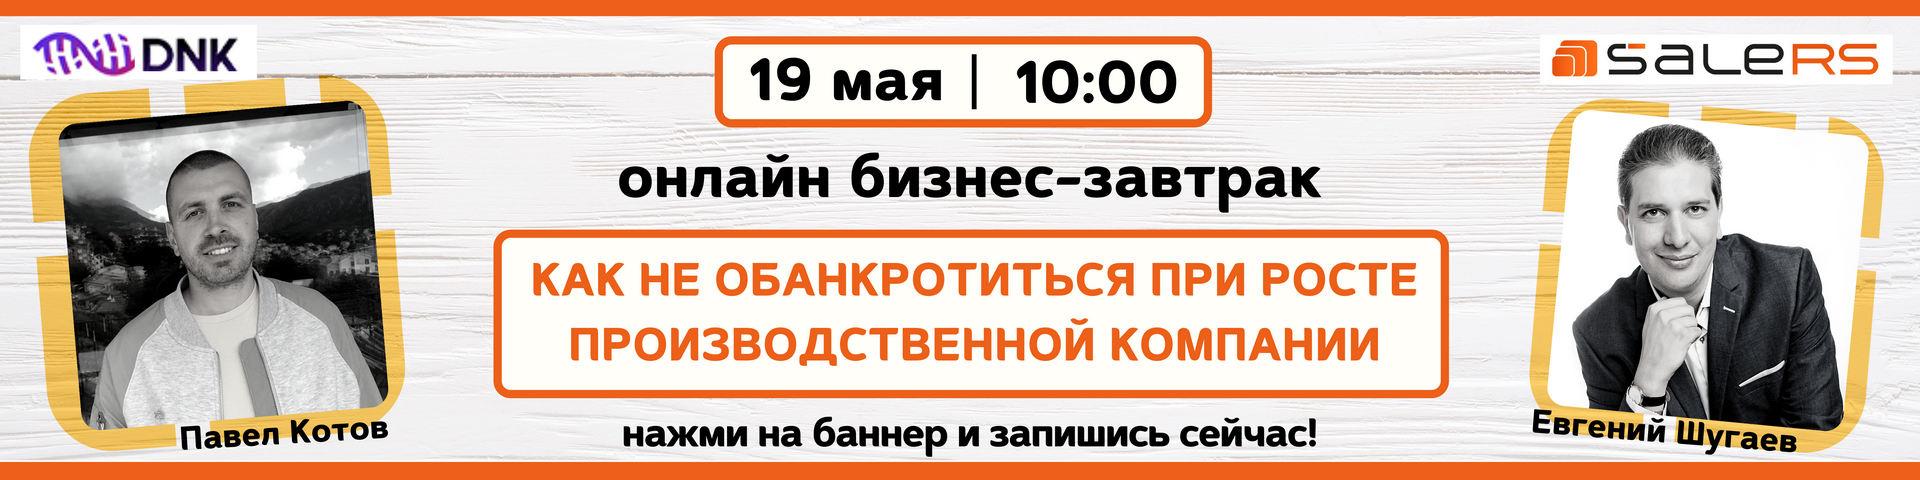 Онлайн бизнес-завтрак 19 мая — Павел Котов и Евгений Шугаев